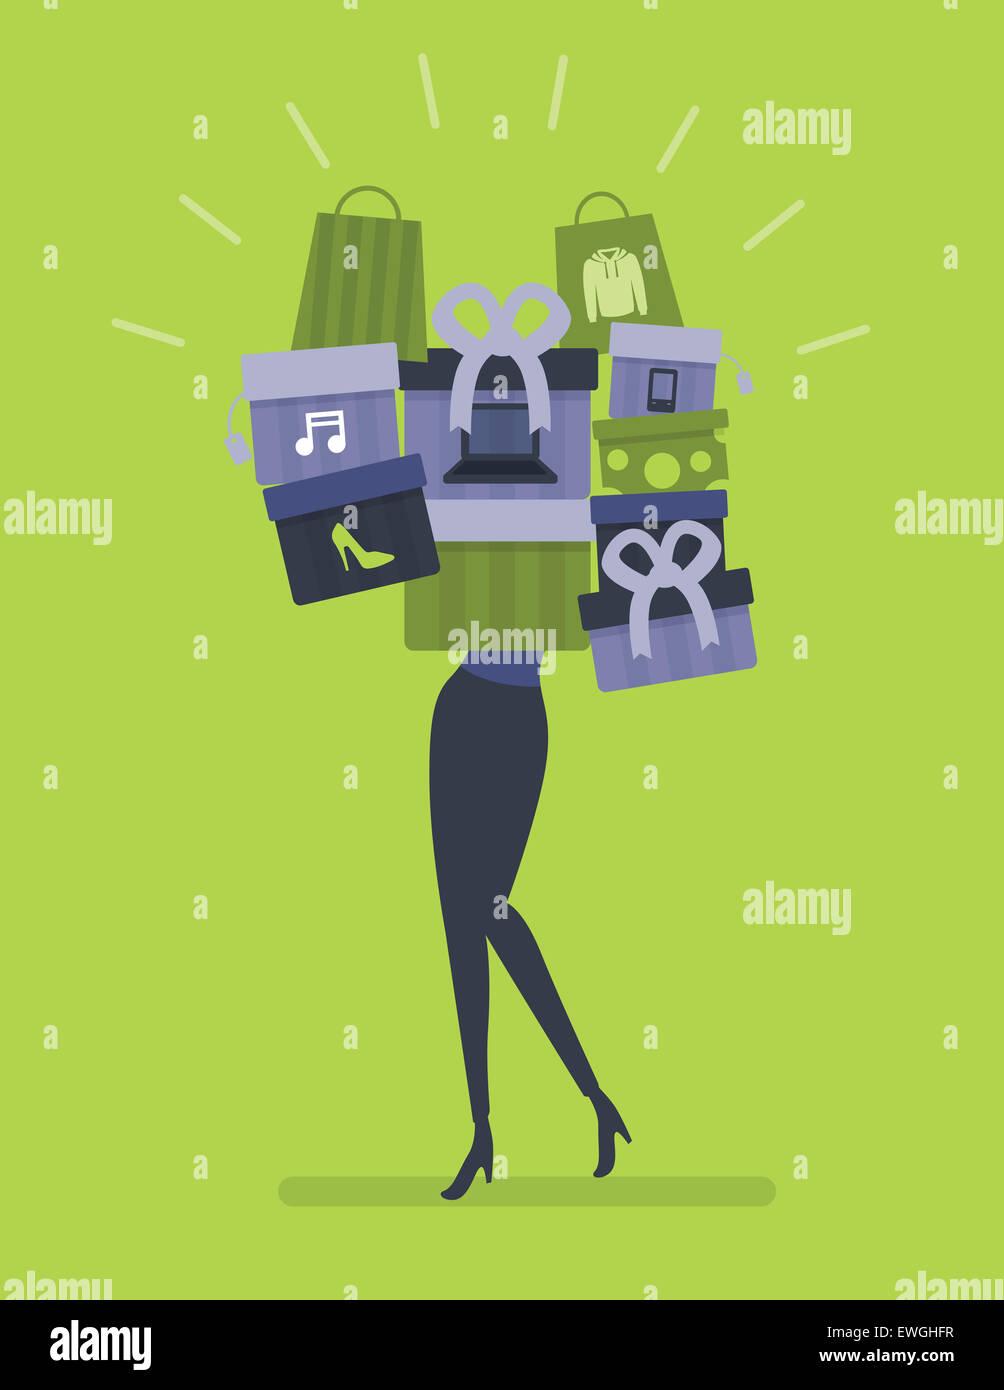 Ilustración imagen de mujer el exceso de compras Imagen De Stock